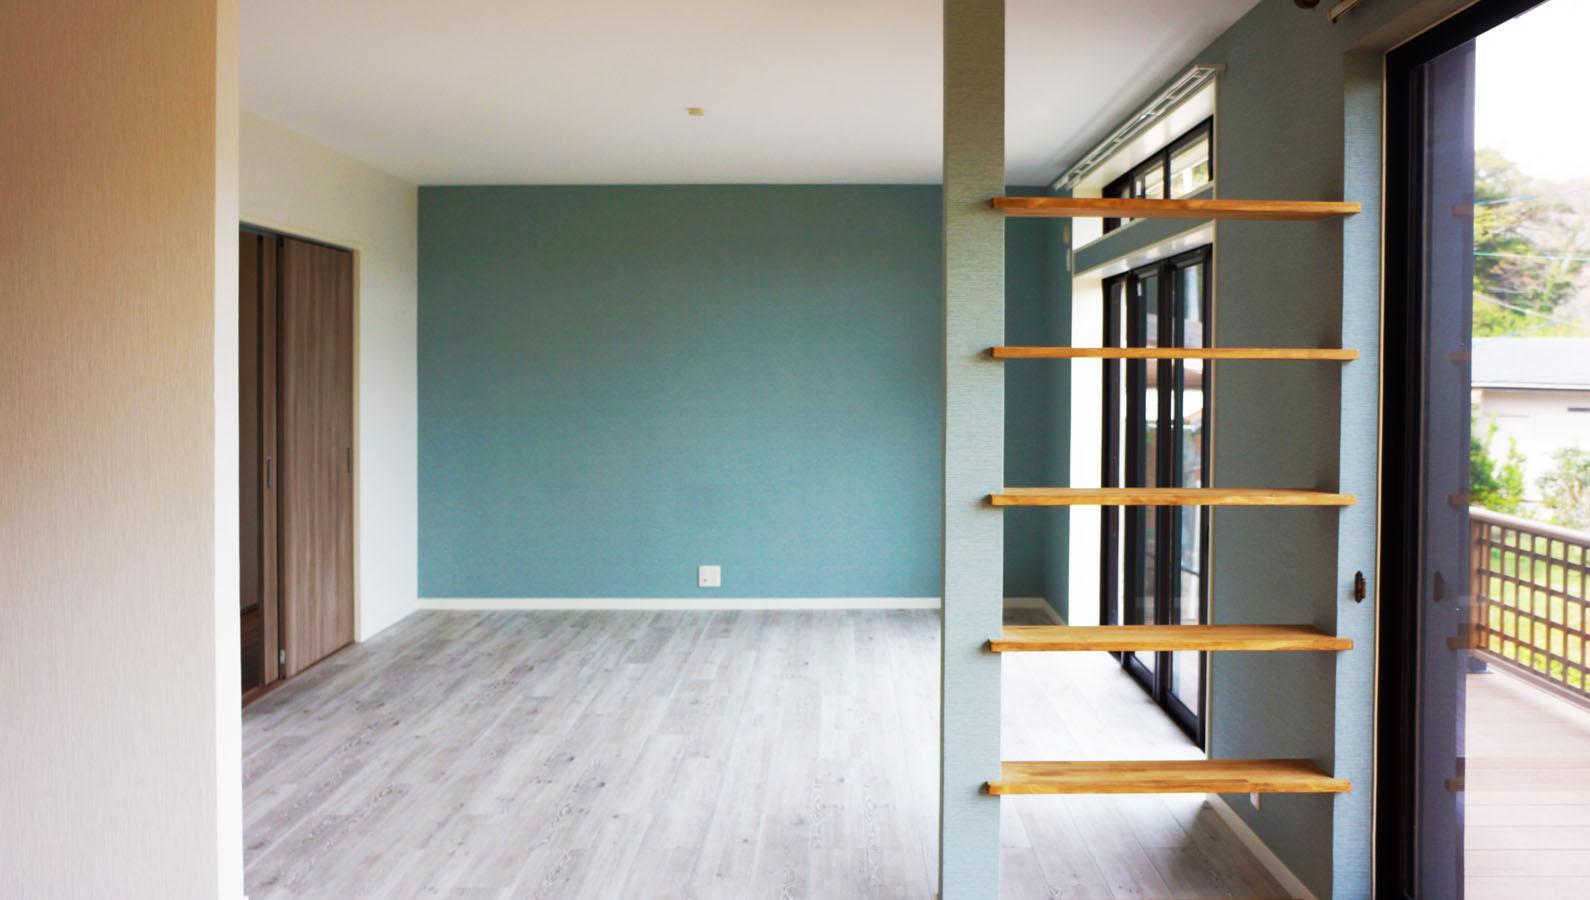 和室を改修して、リビングとつながった空間は明るく、外の緑も見えて、気持ちが良い